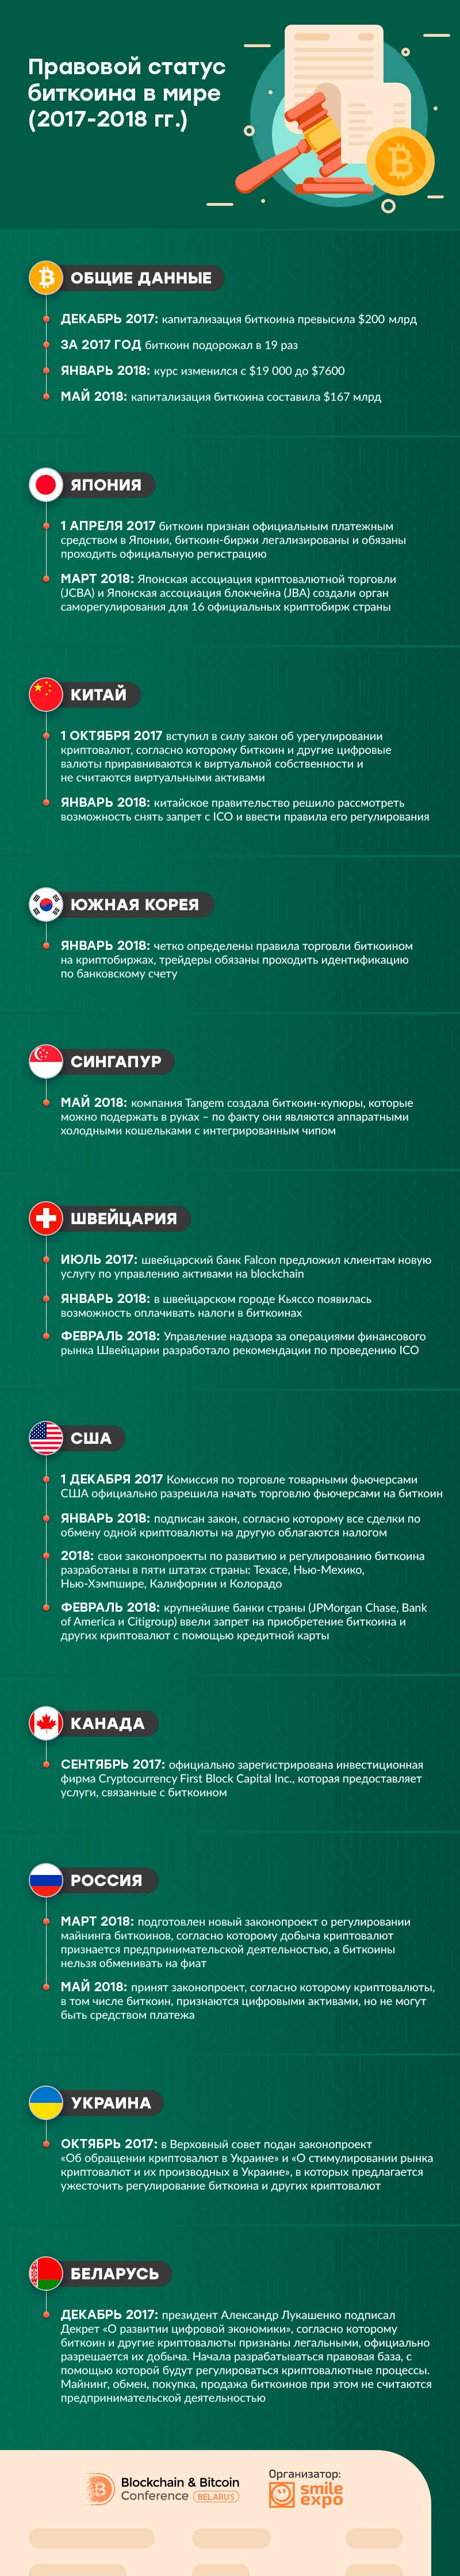 Правовой статус биткоина в мире (2017-2018 гг.). Инфографика